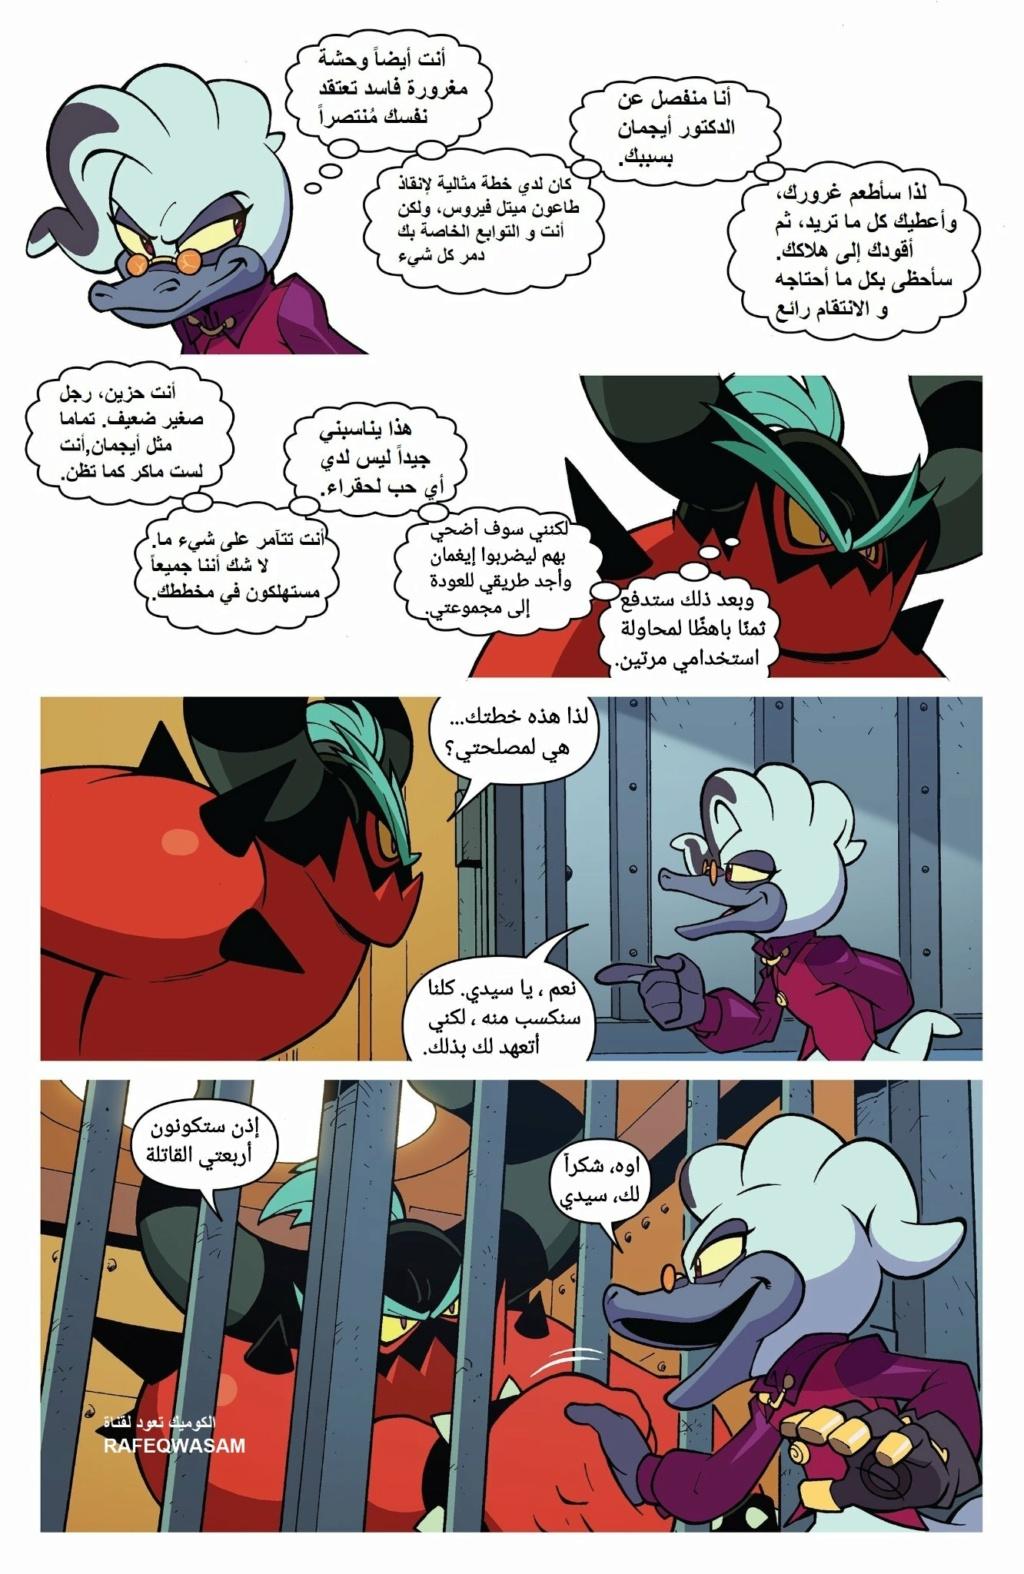 سونيك idw العدد الخاص bad guys العدد 1 كامل ومترجم Lopaoh10